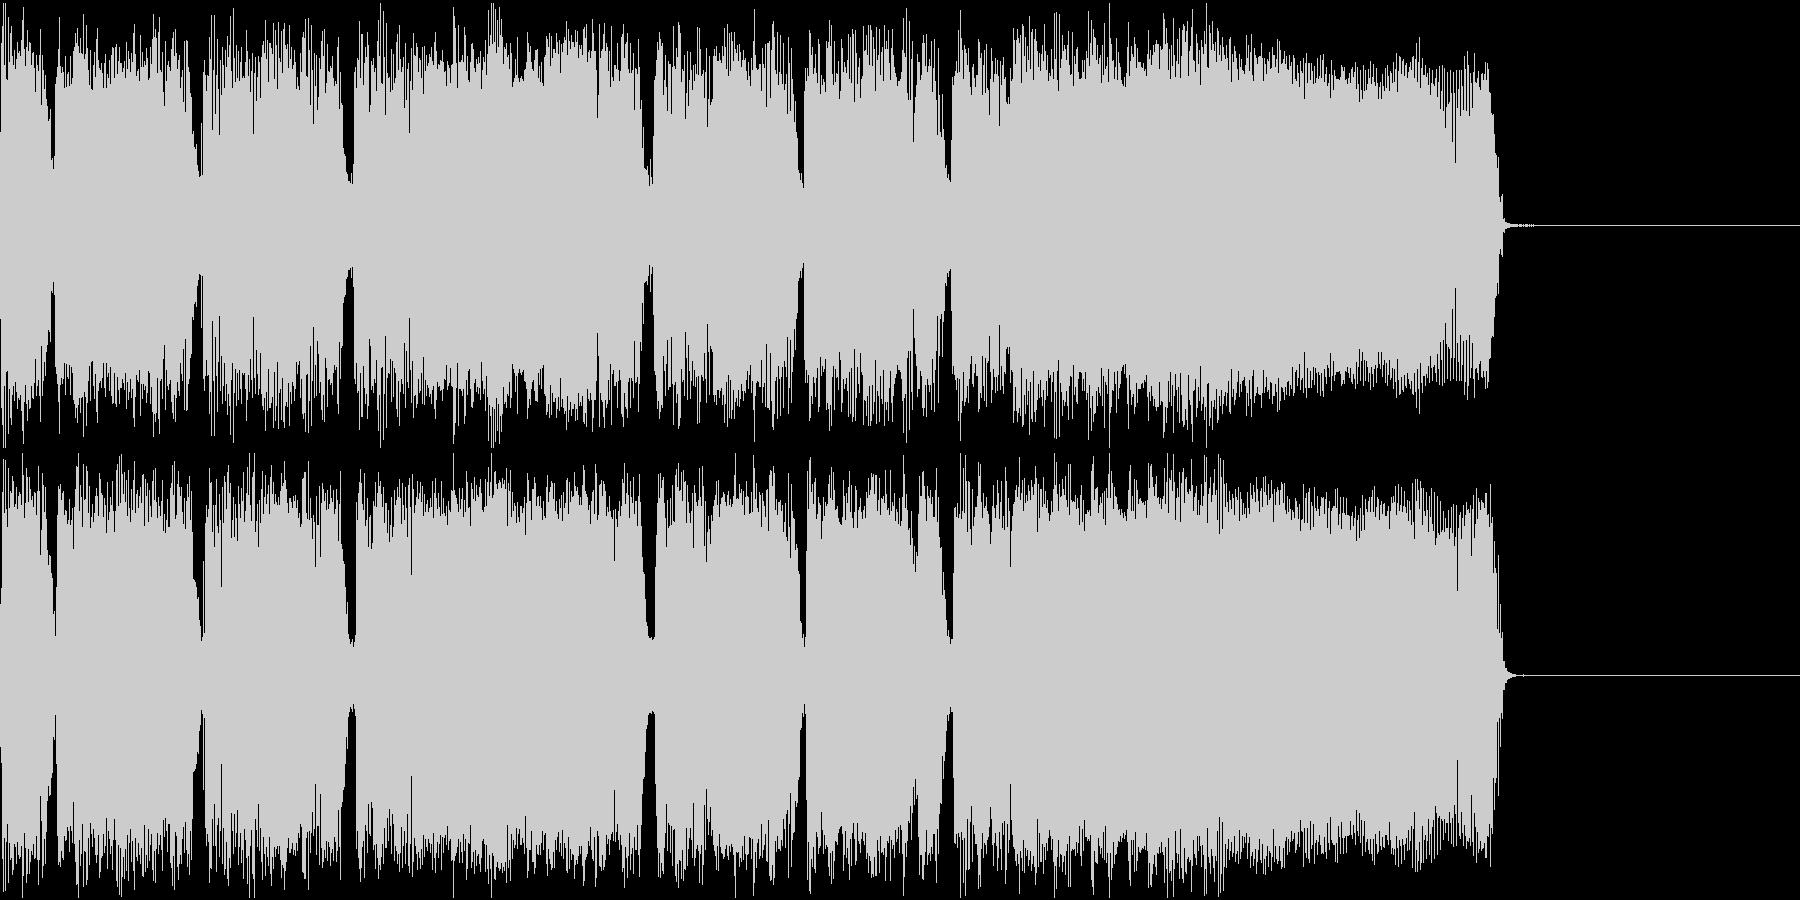 メタル ジングル ザクザク2の未再生の波形